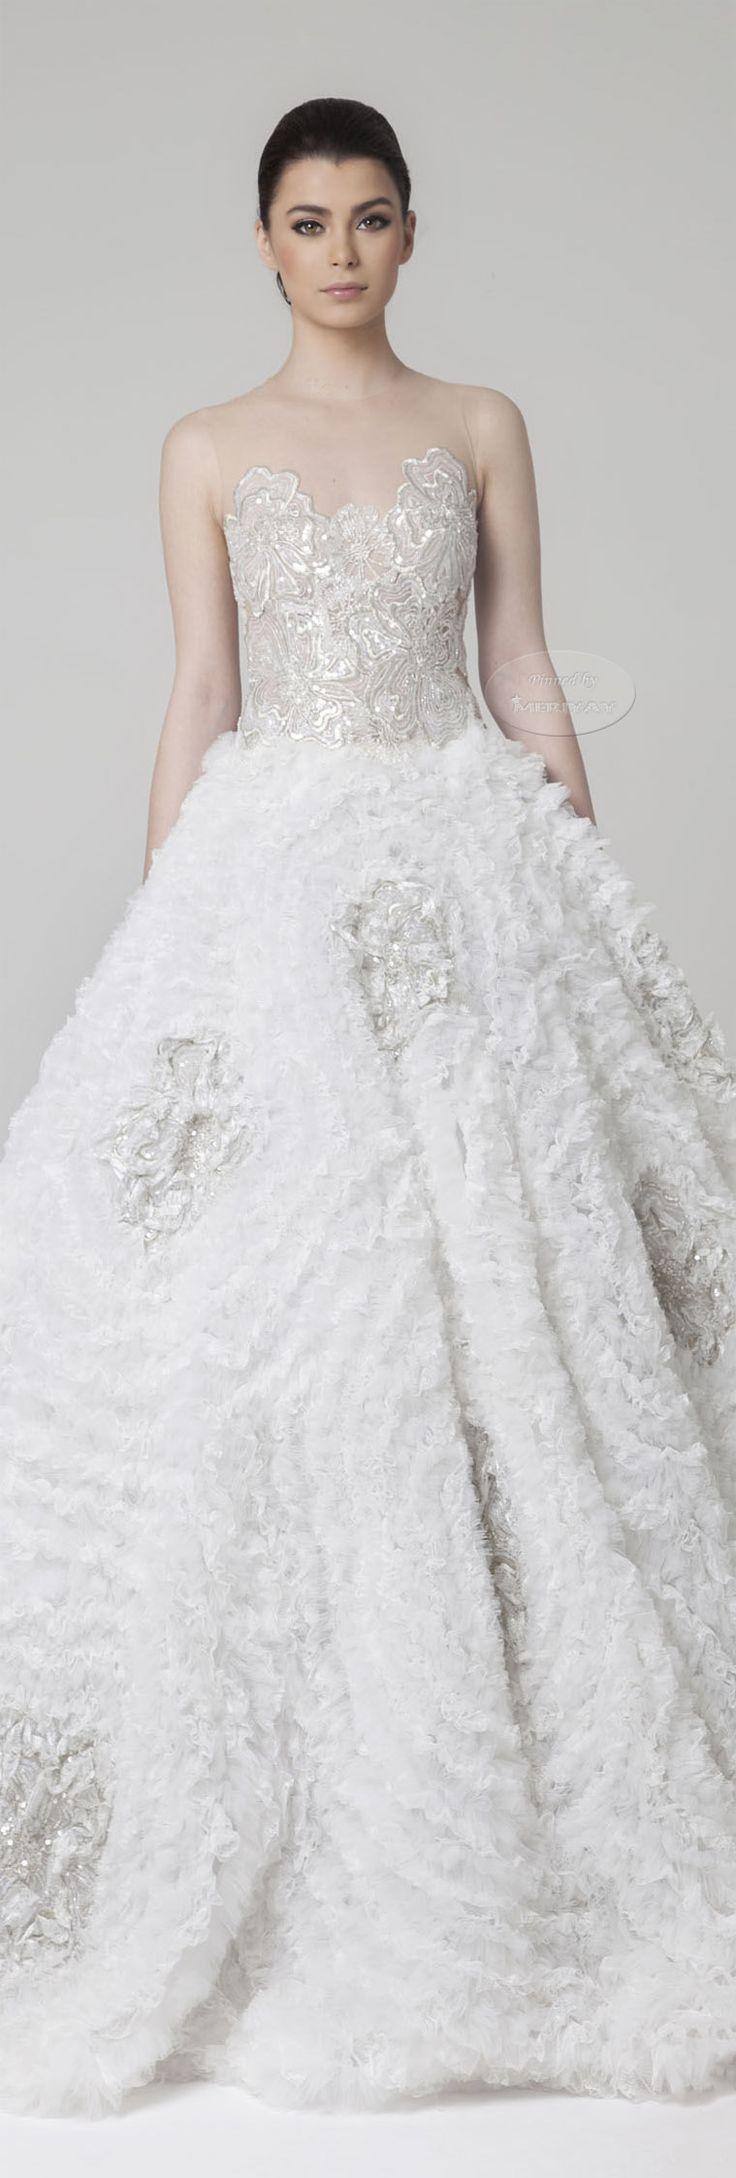 56 besten Hochzeitsoutfit Bilder auf Pinterest | Hochzeitskleider ...